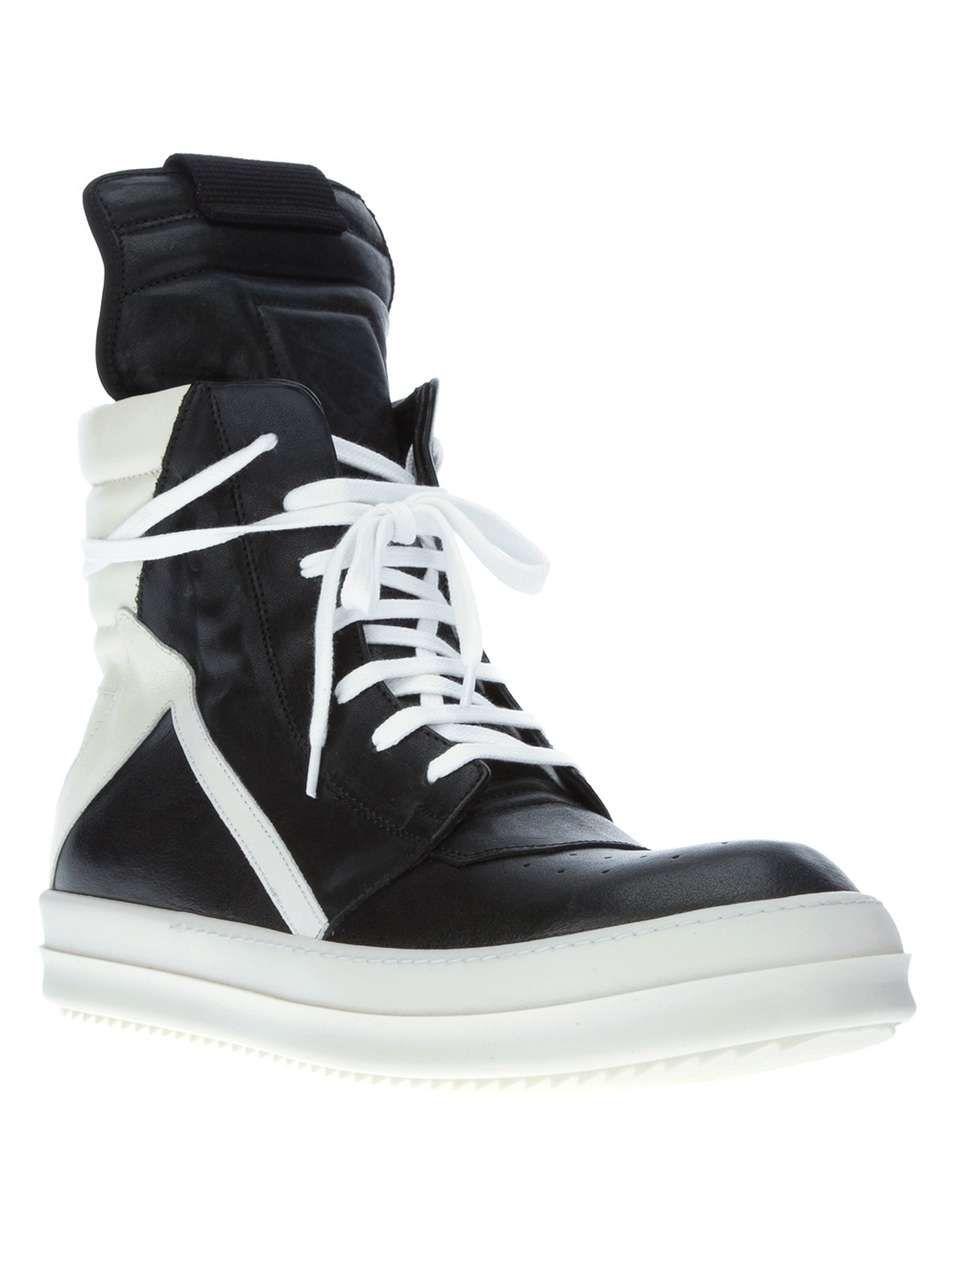 on sale 29014 6f084 Rick Owens bi-colour hi top sneaker | Rick Owens shoes